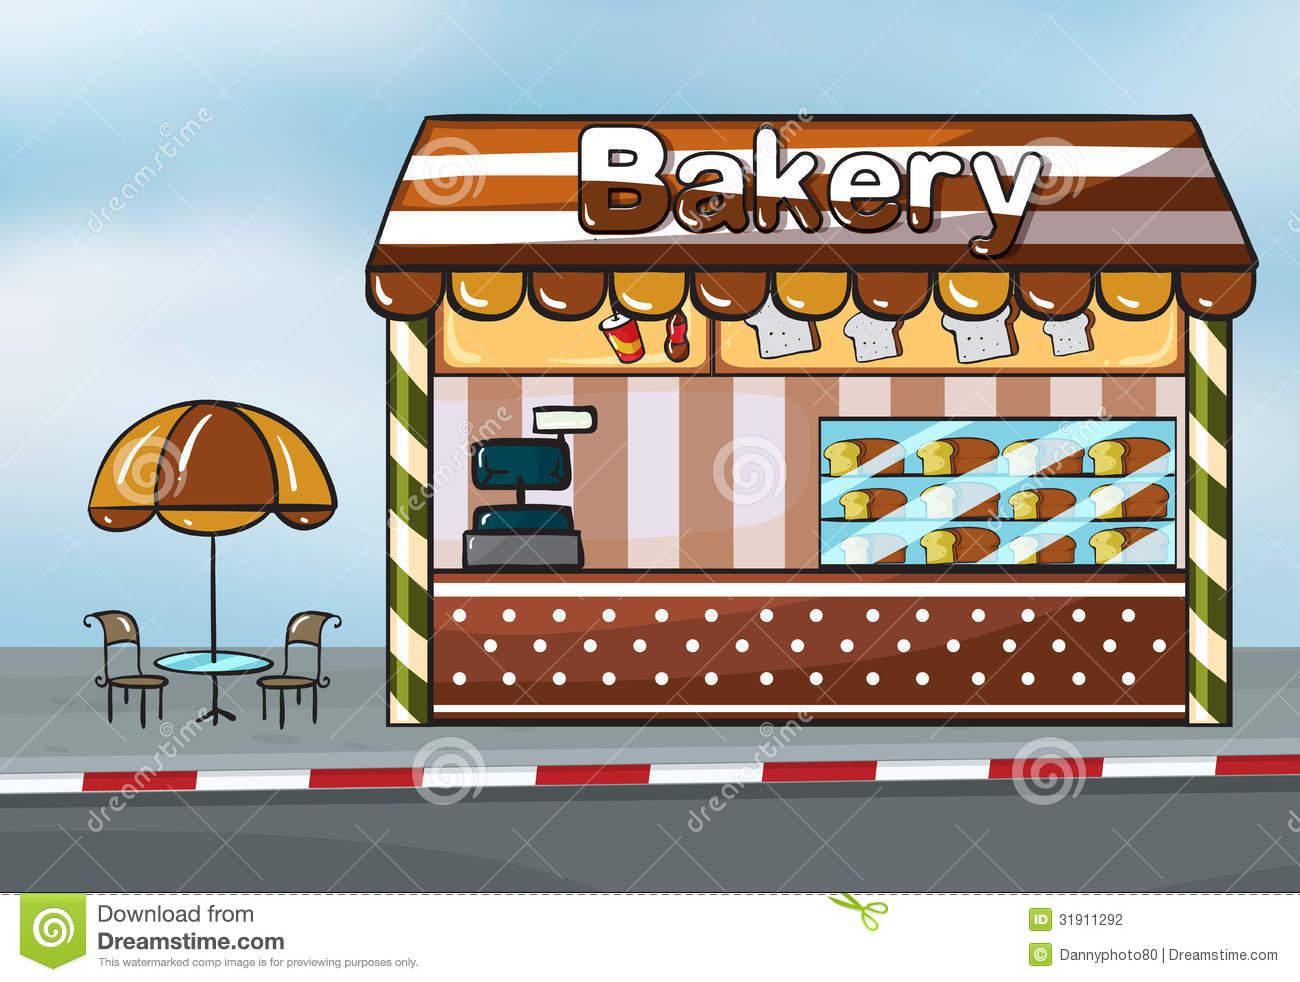 Bakery clipart bakery shop.